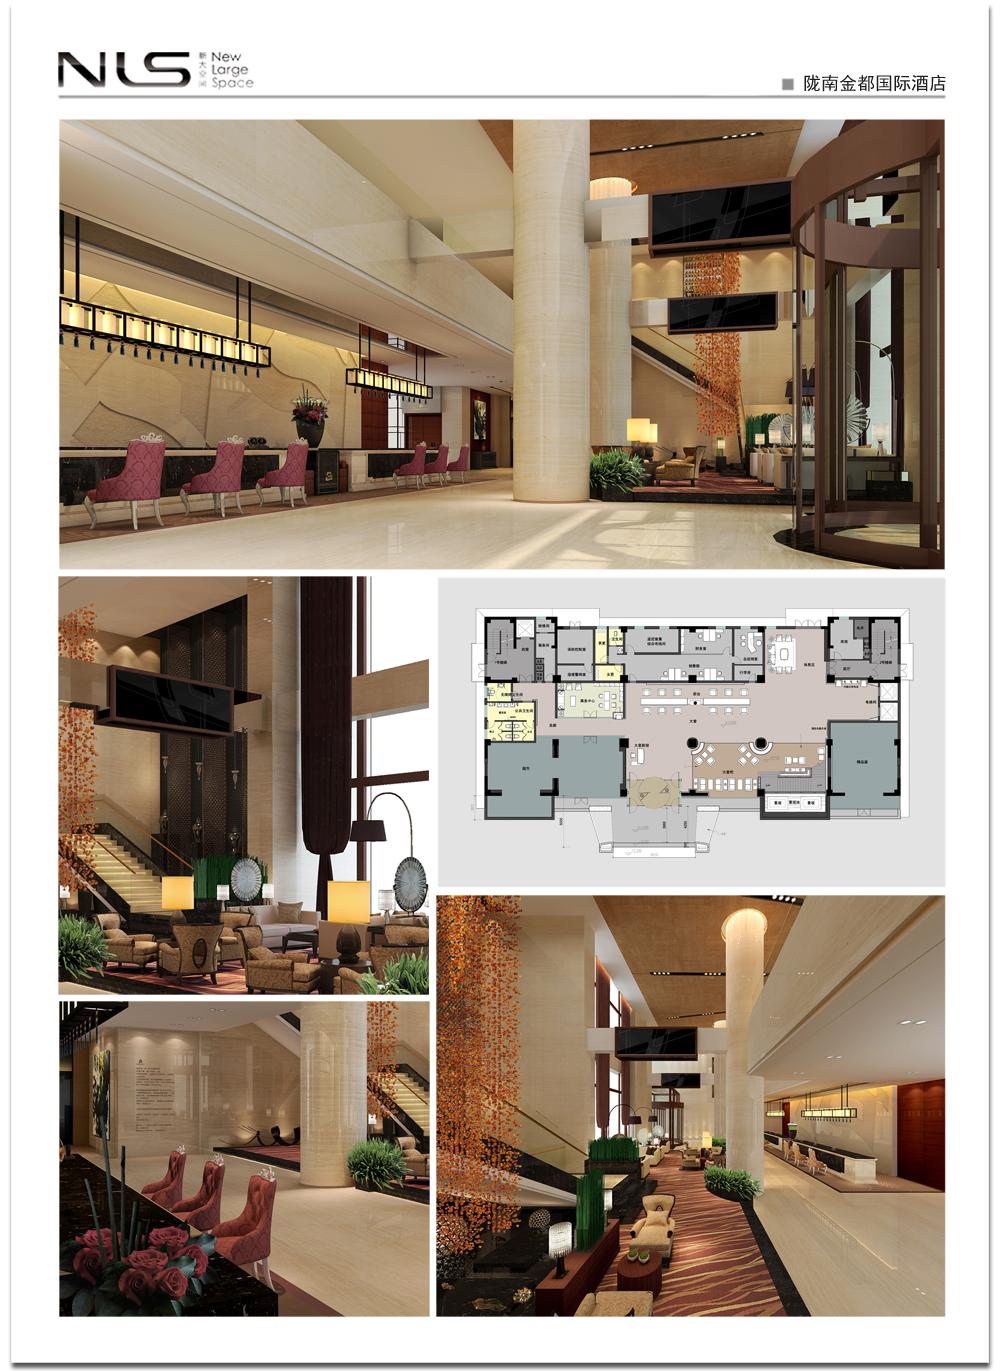 01 陇南金都国际酒店.jpg